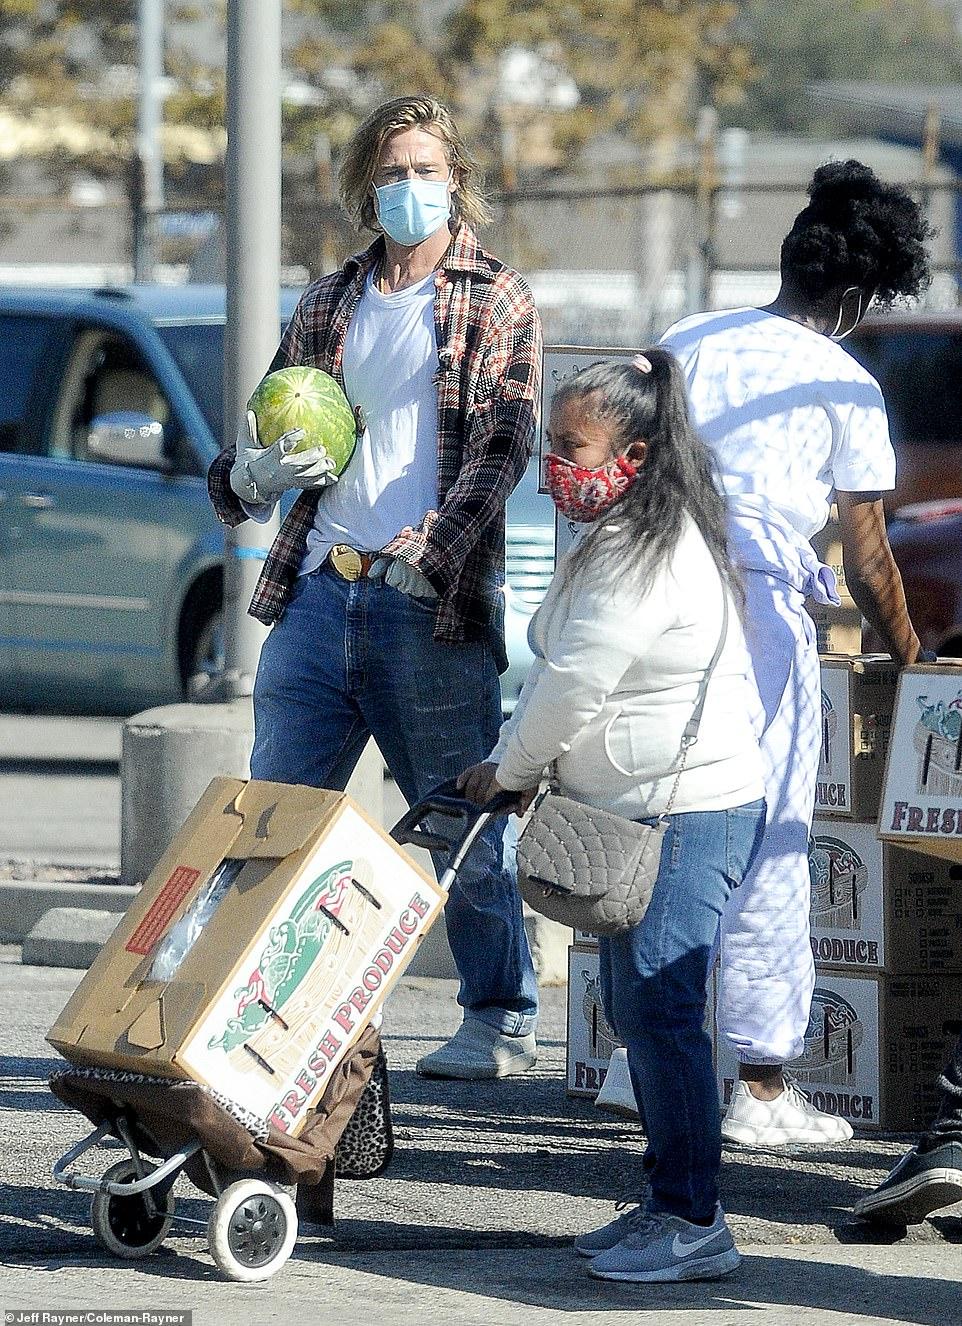 Ο Μπραντ Πιτ μοιράζει τρόφιμα, φωτογραφία: DailyMail